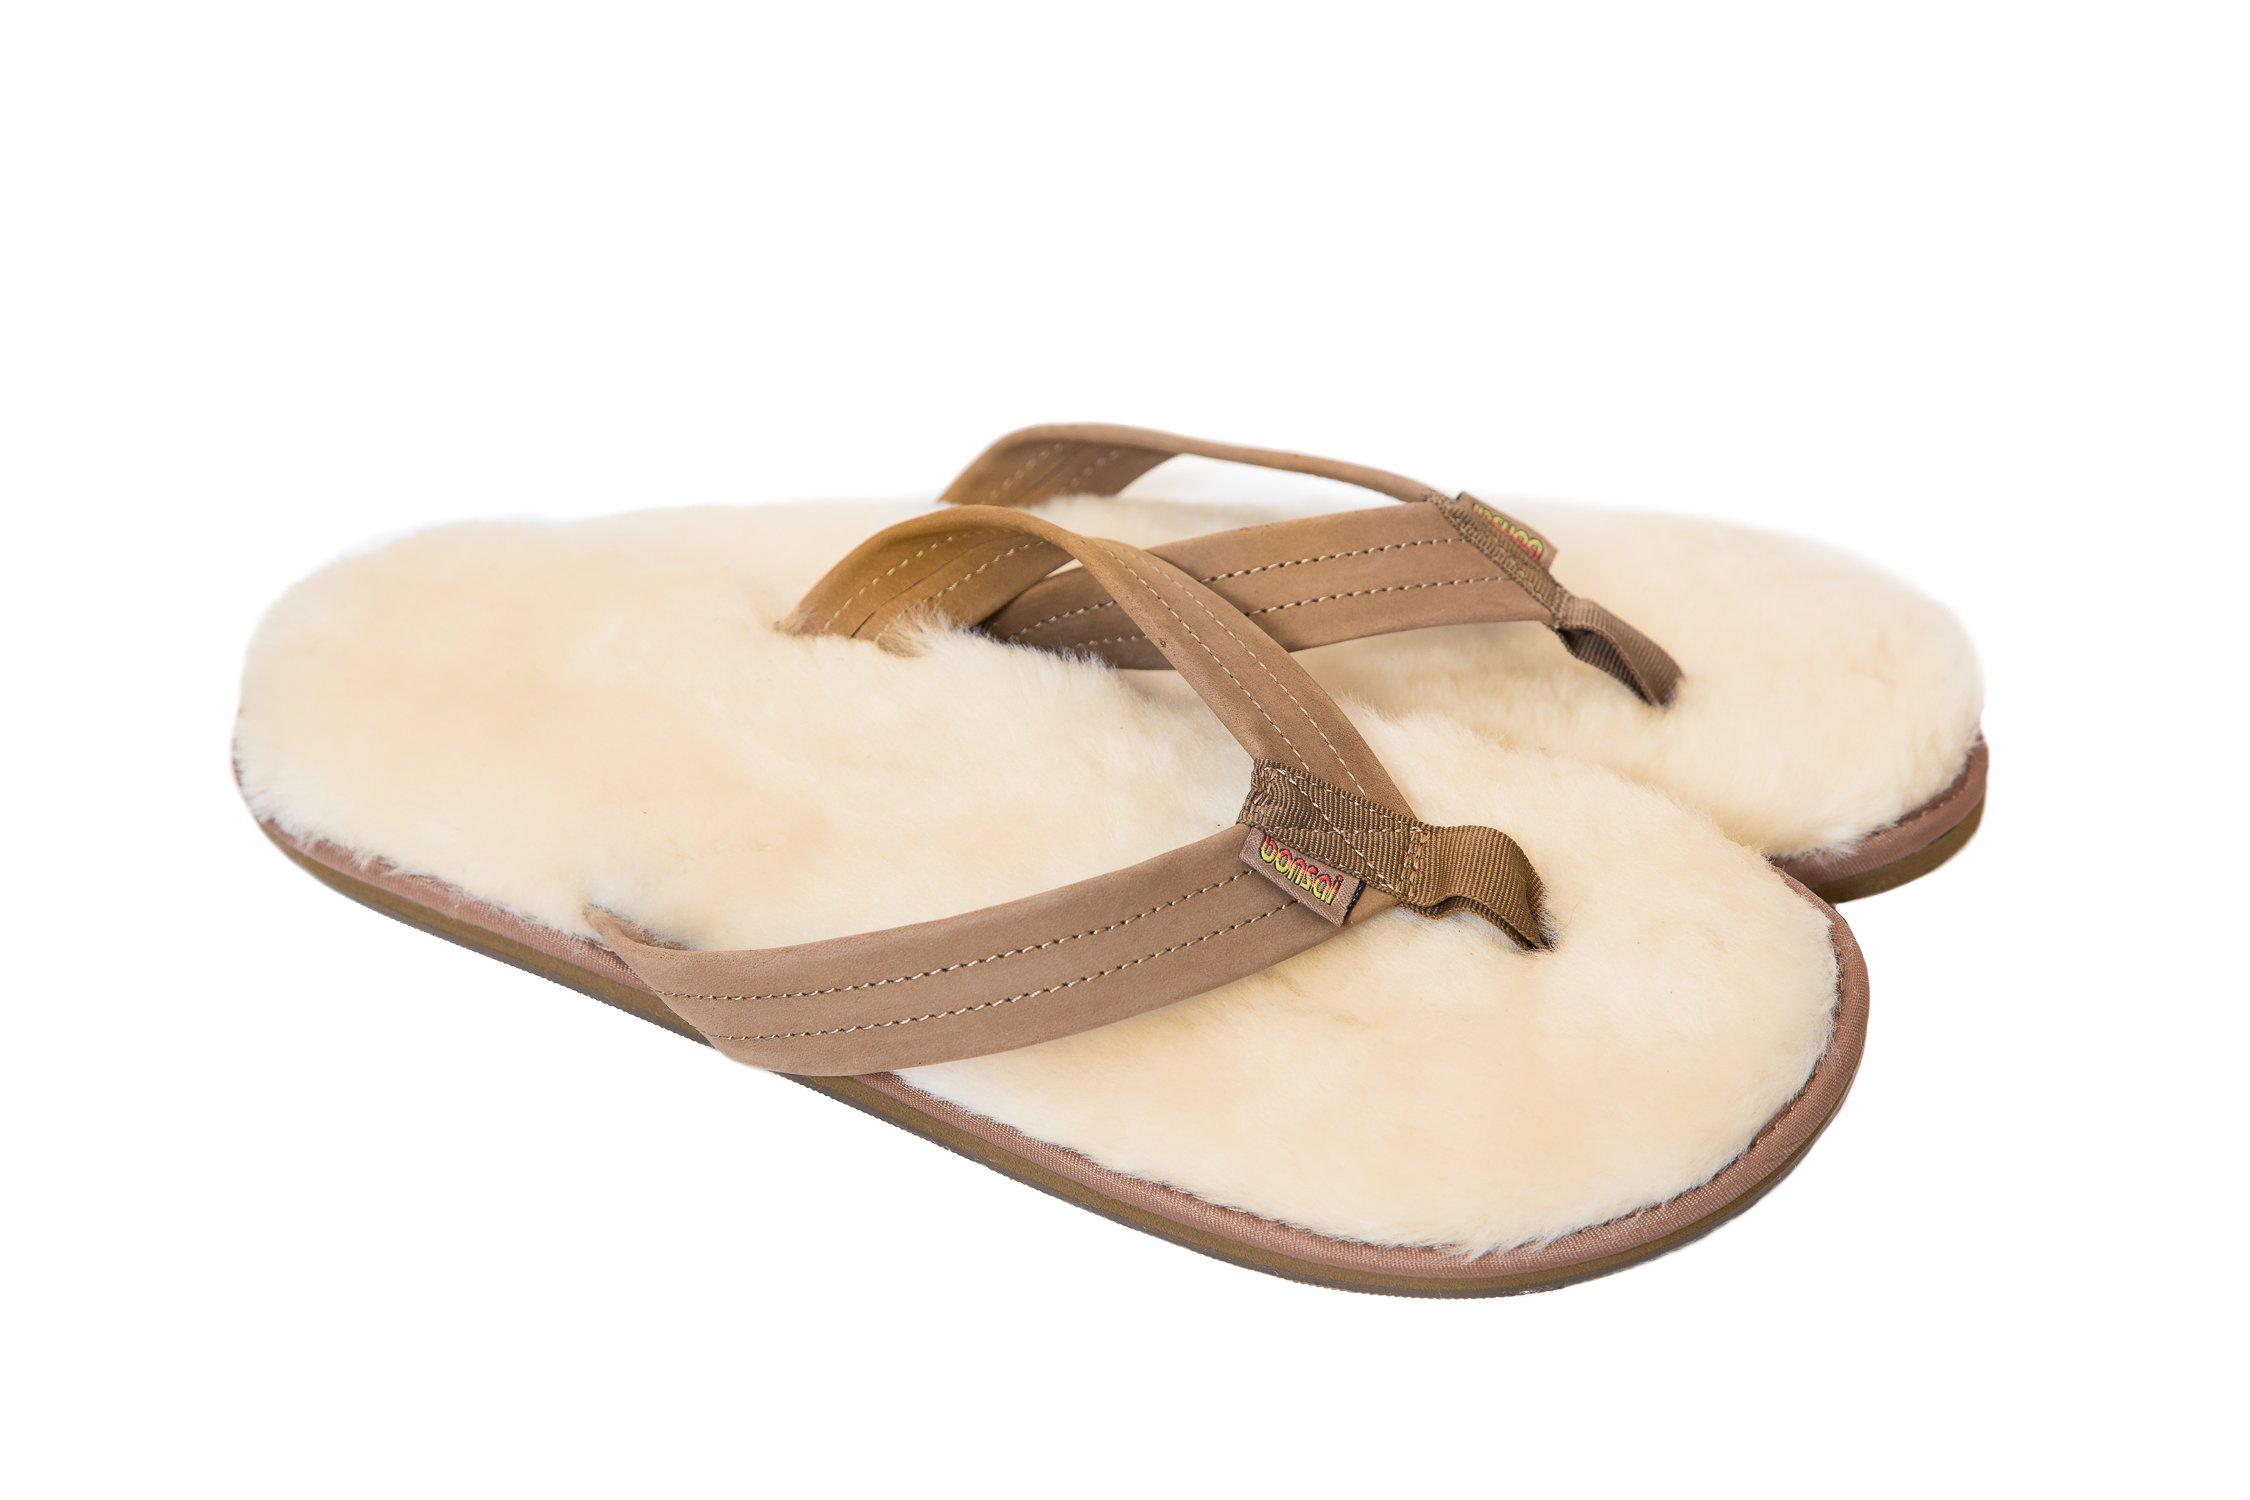 Bonsai Men's Sheepskin Sandal Flip Flops, Brown, 12 US by Bonsai Sandals (Image #2)